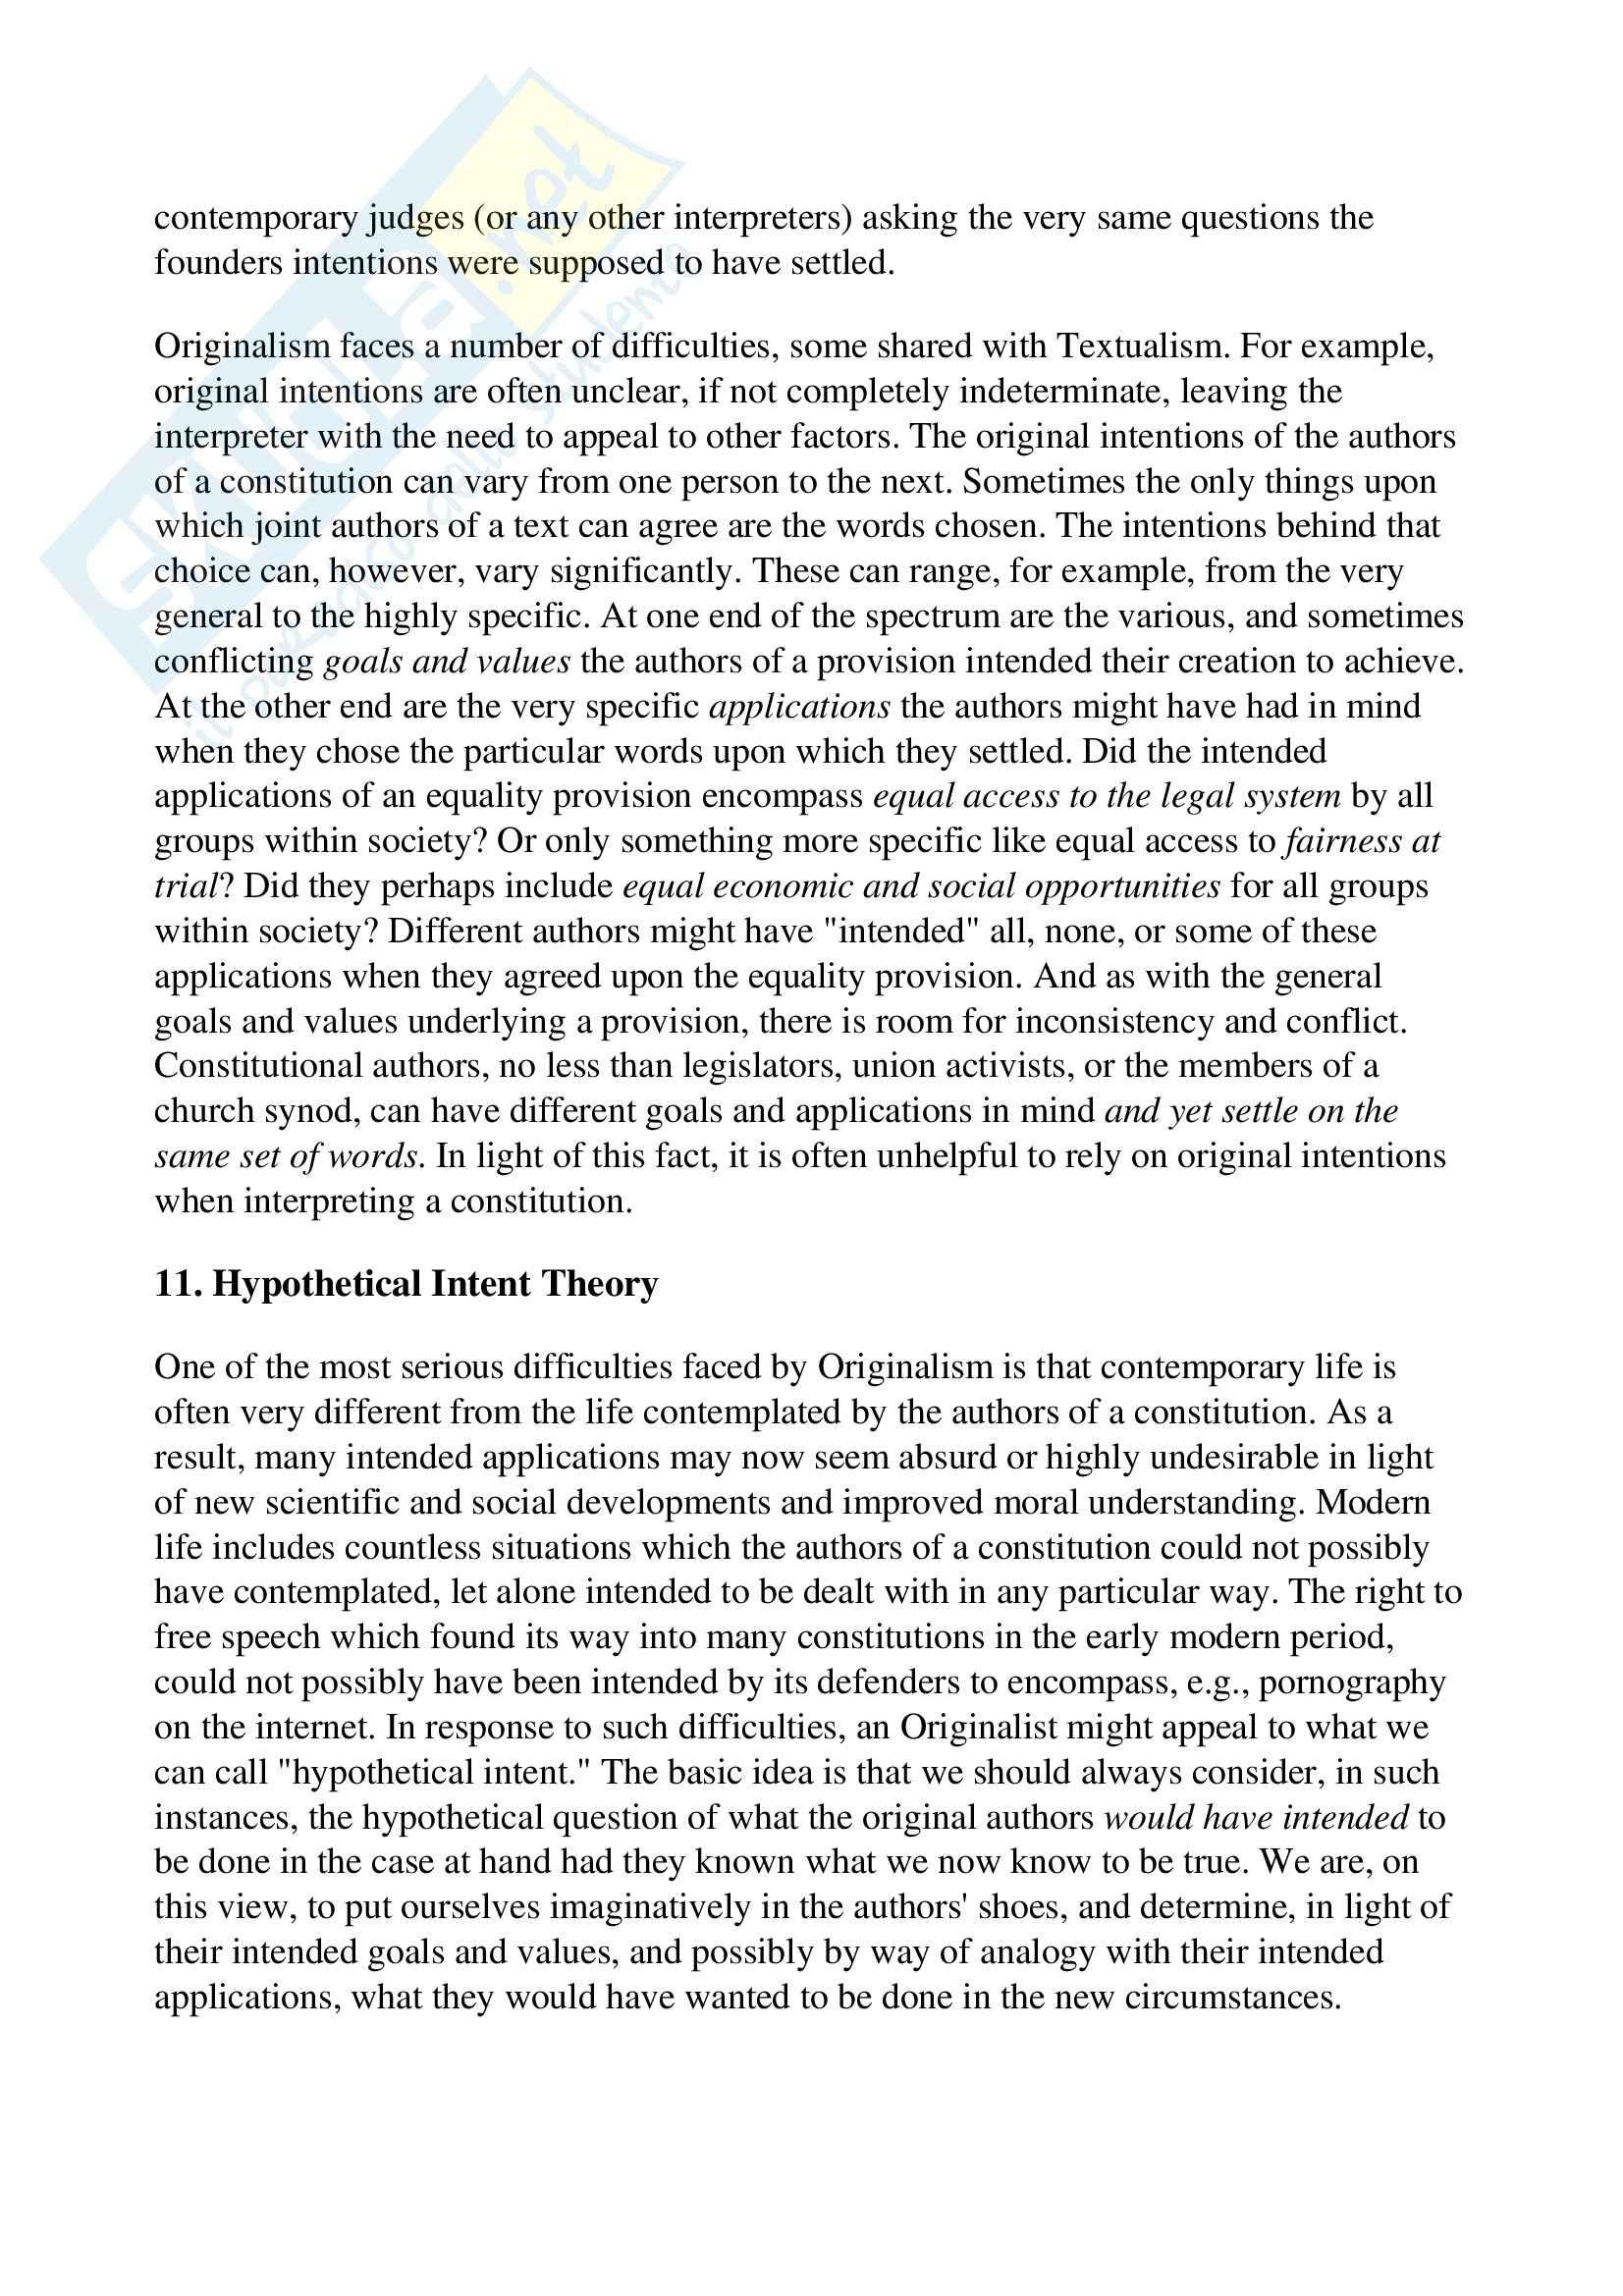 Costituzionalismo - Definizione Pag. 11